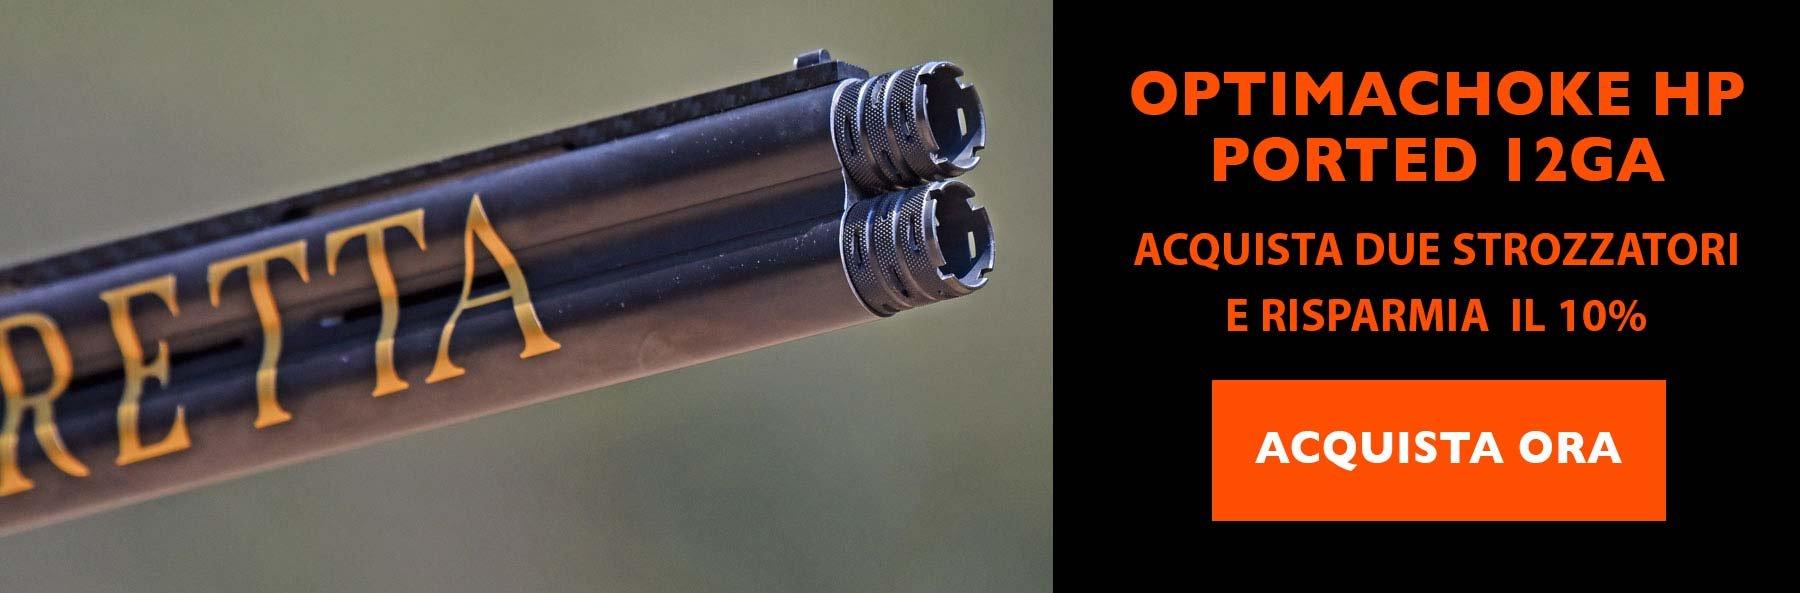 trasformer accessori tiro a volo borse per cartucce foderi fucili